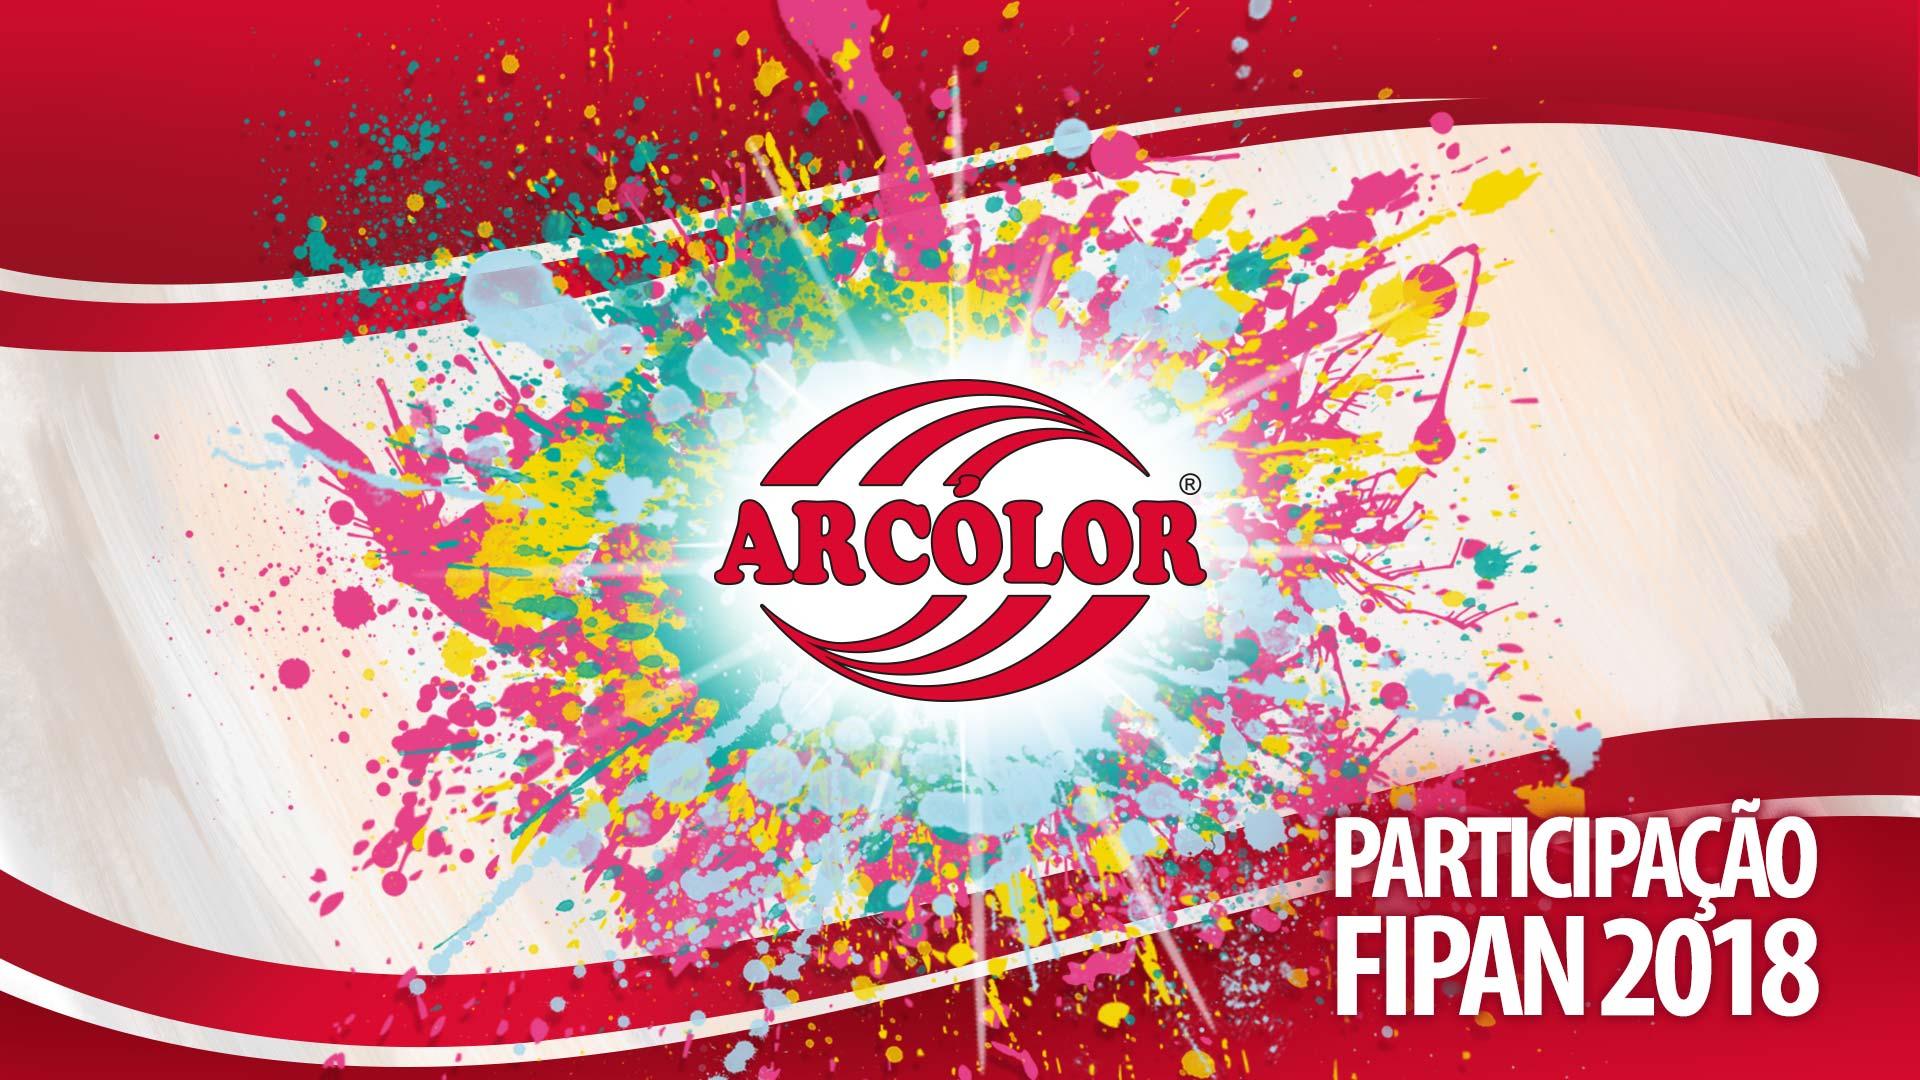 Arcólor participação FIPAN 2018